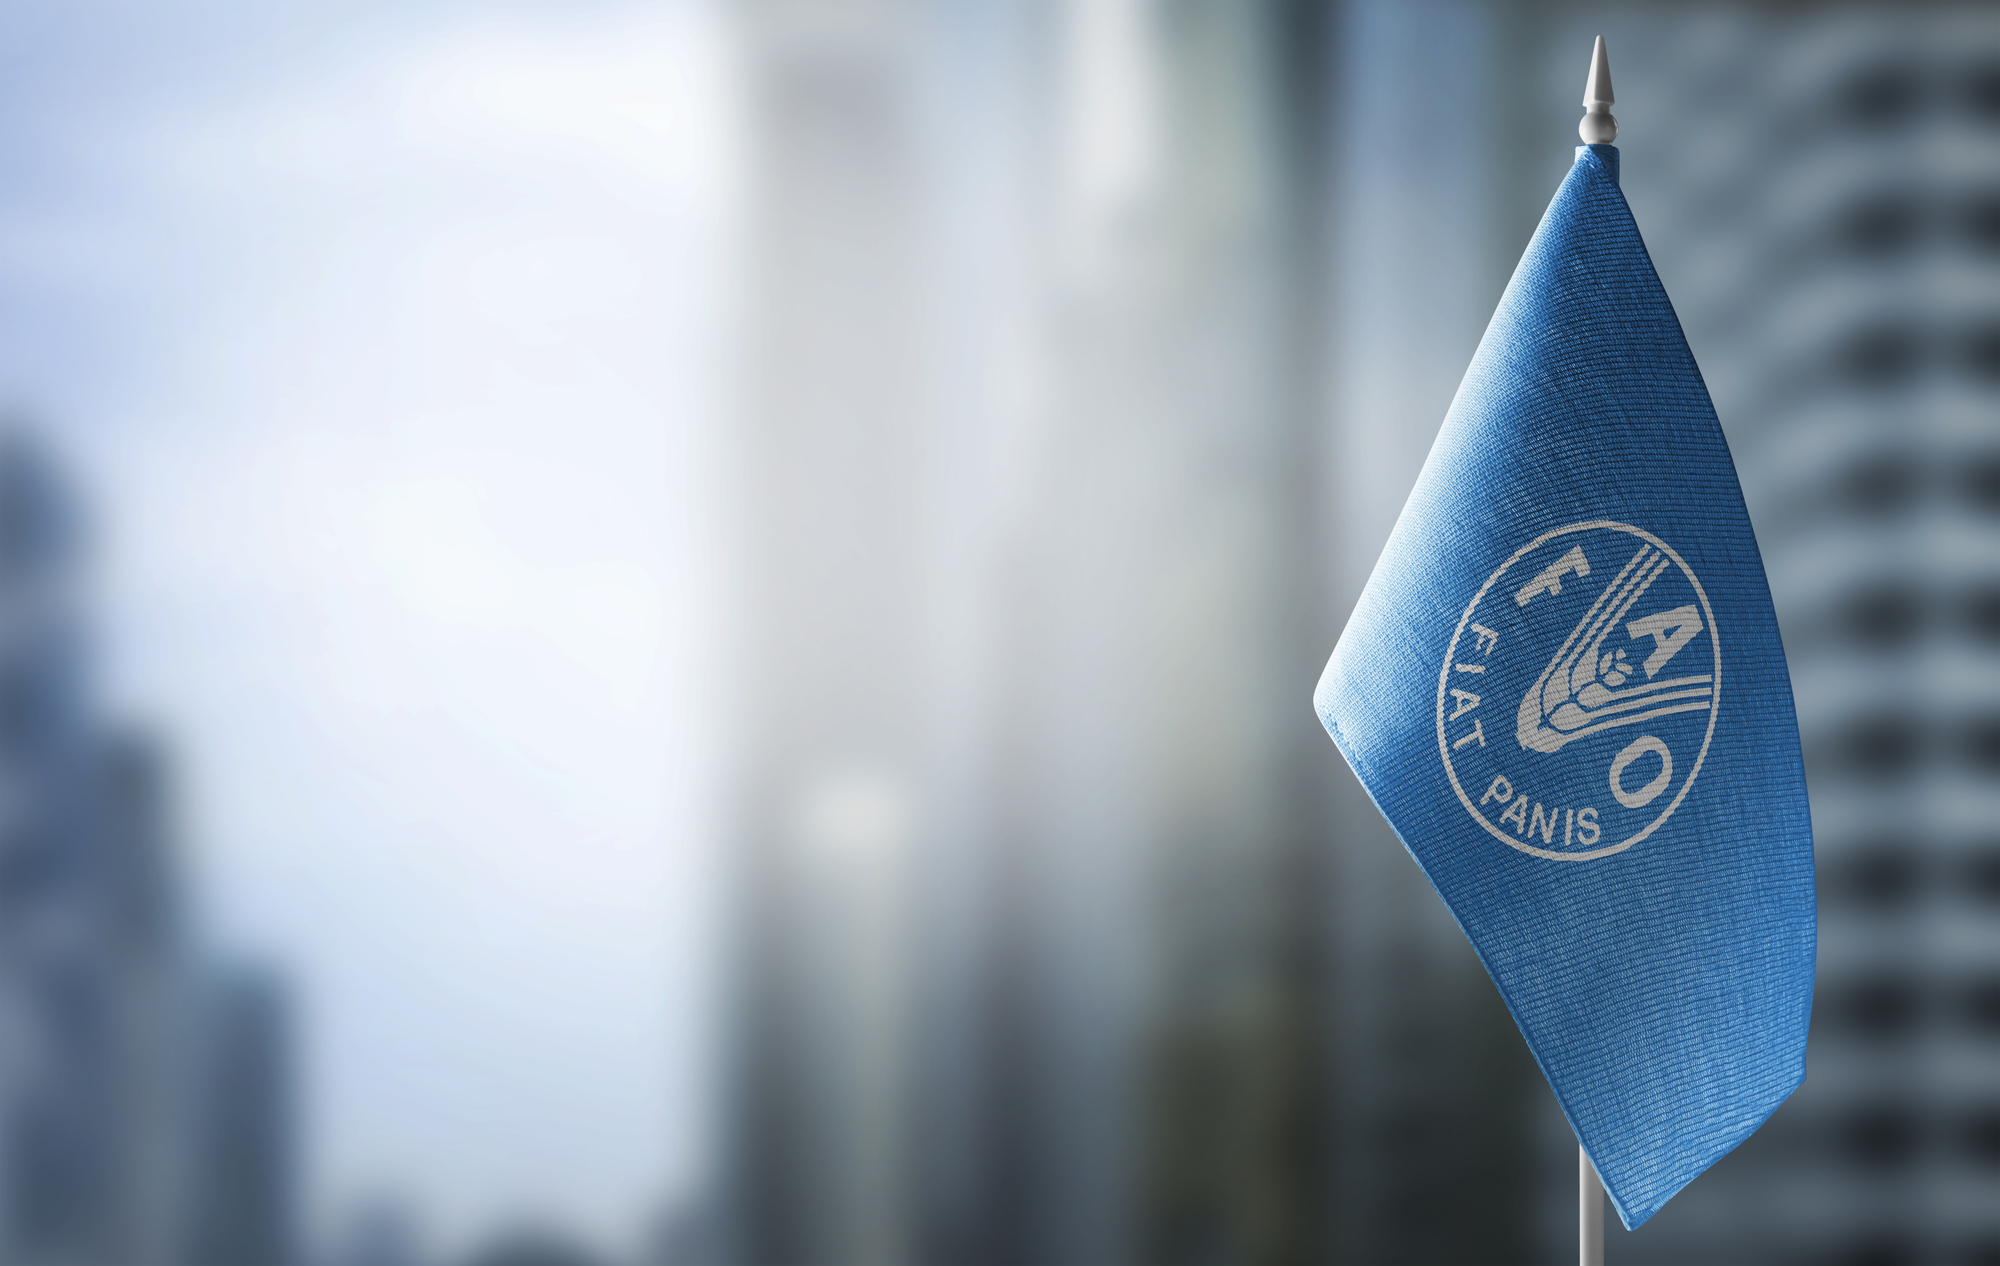 strategia nutrizionale della FAO